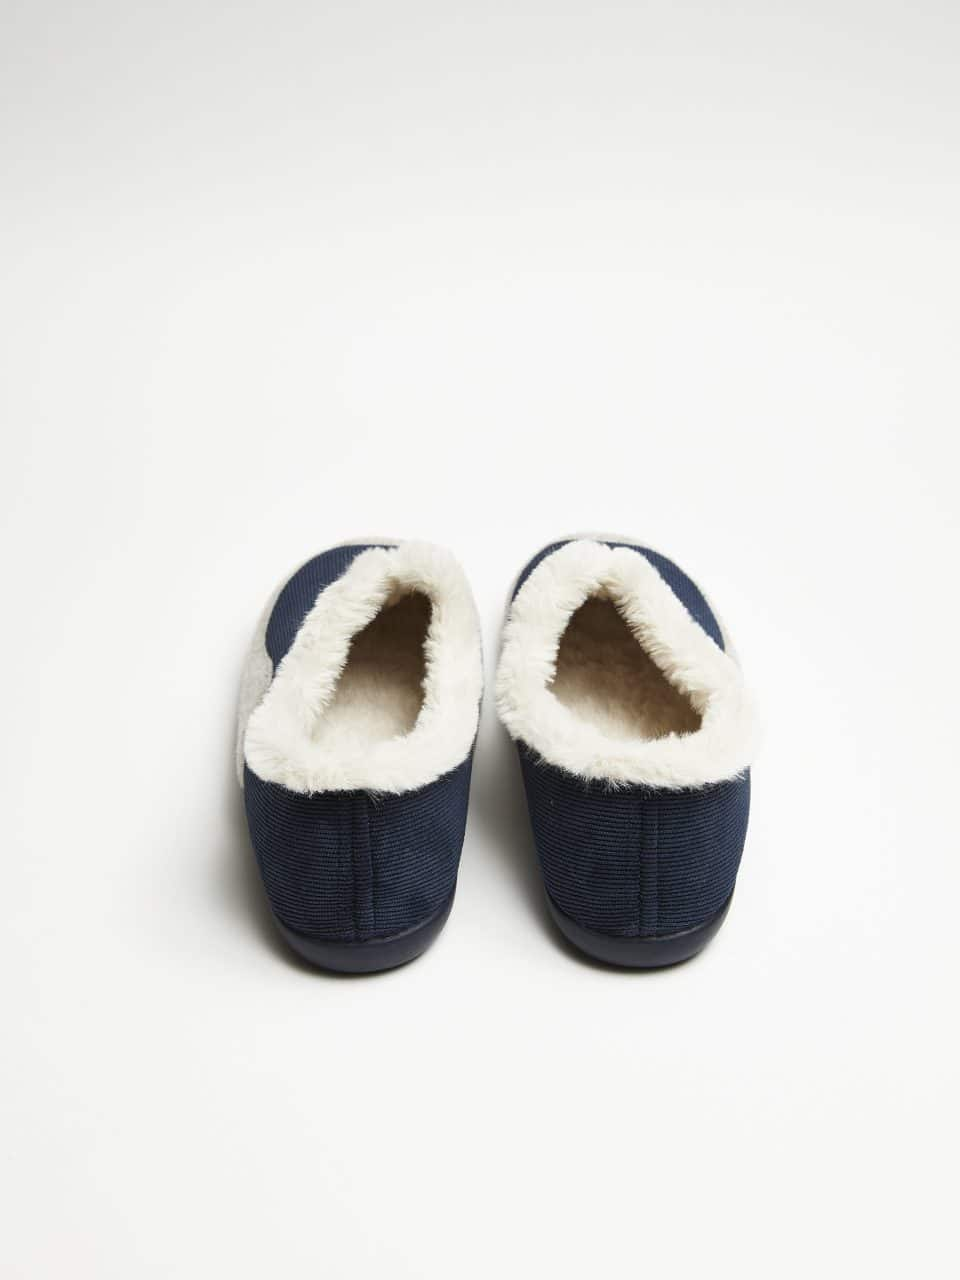 PARIS MARINO Garzón en Loyna Shoes